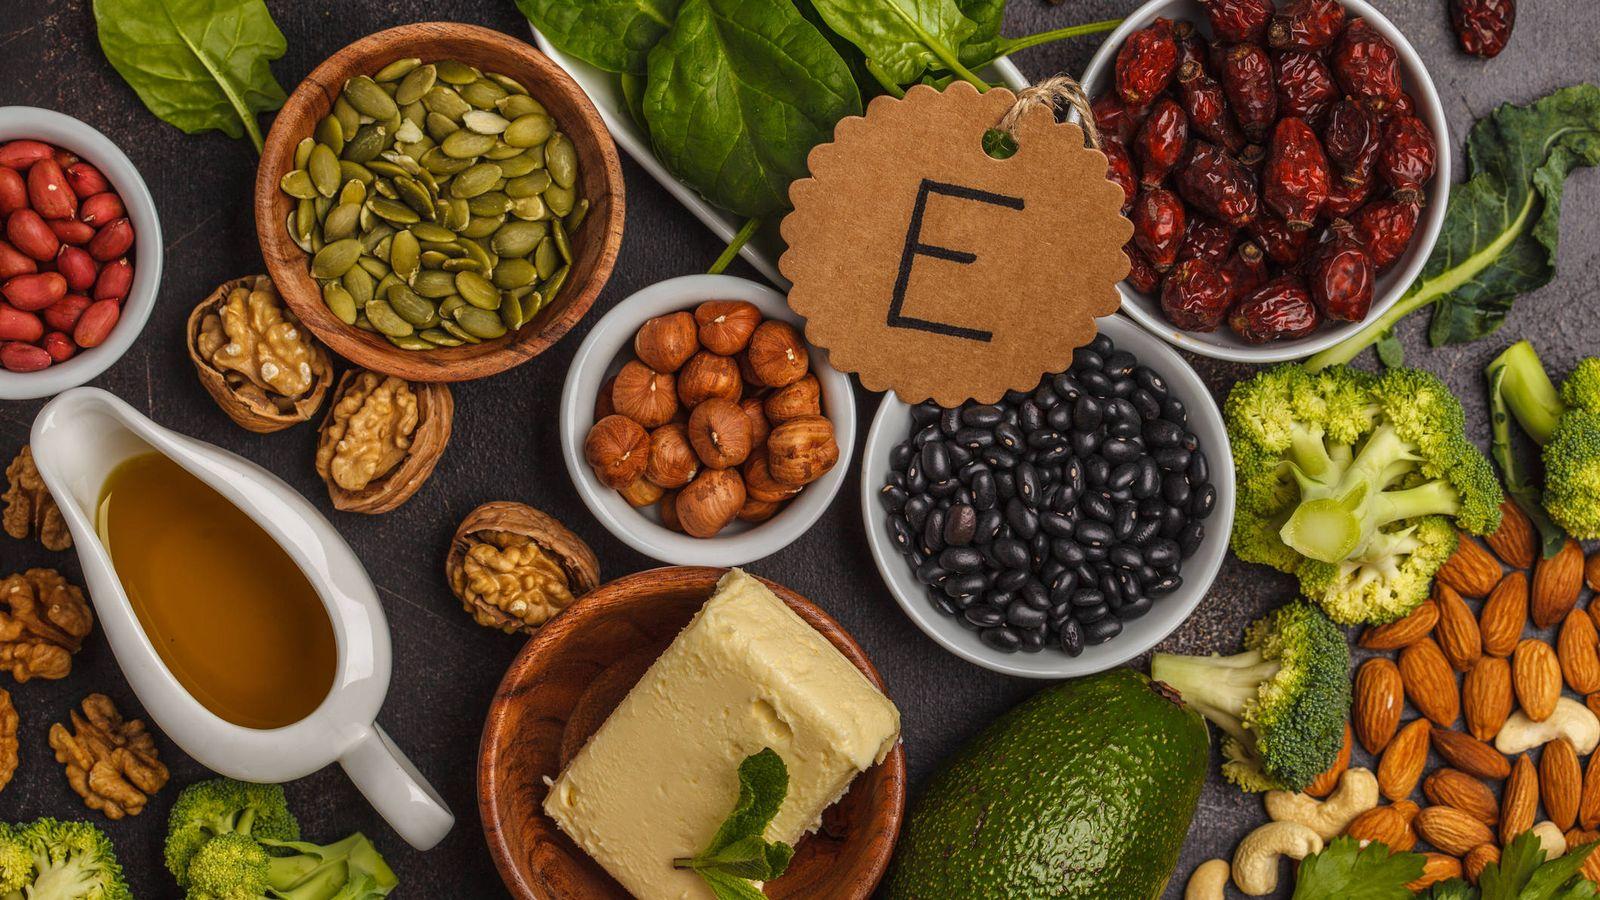 Salud: Por qué la vitamina E es tan importante para ti: beneficios y riesgos